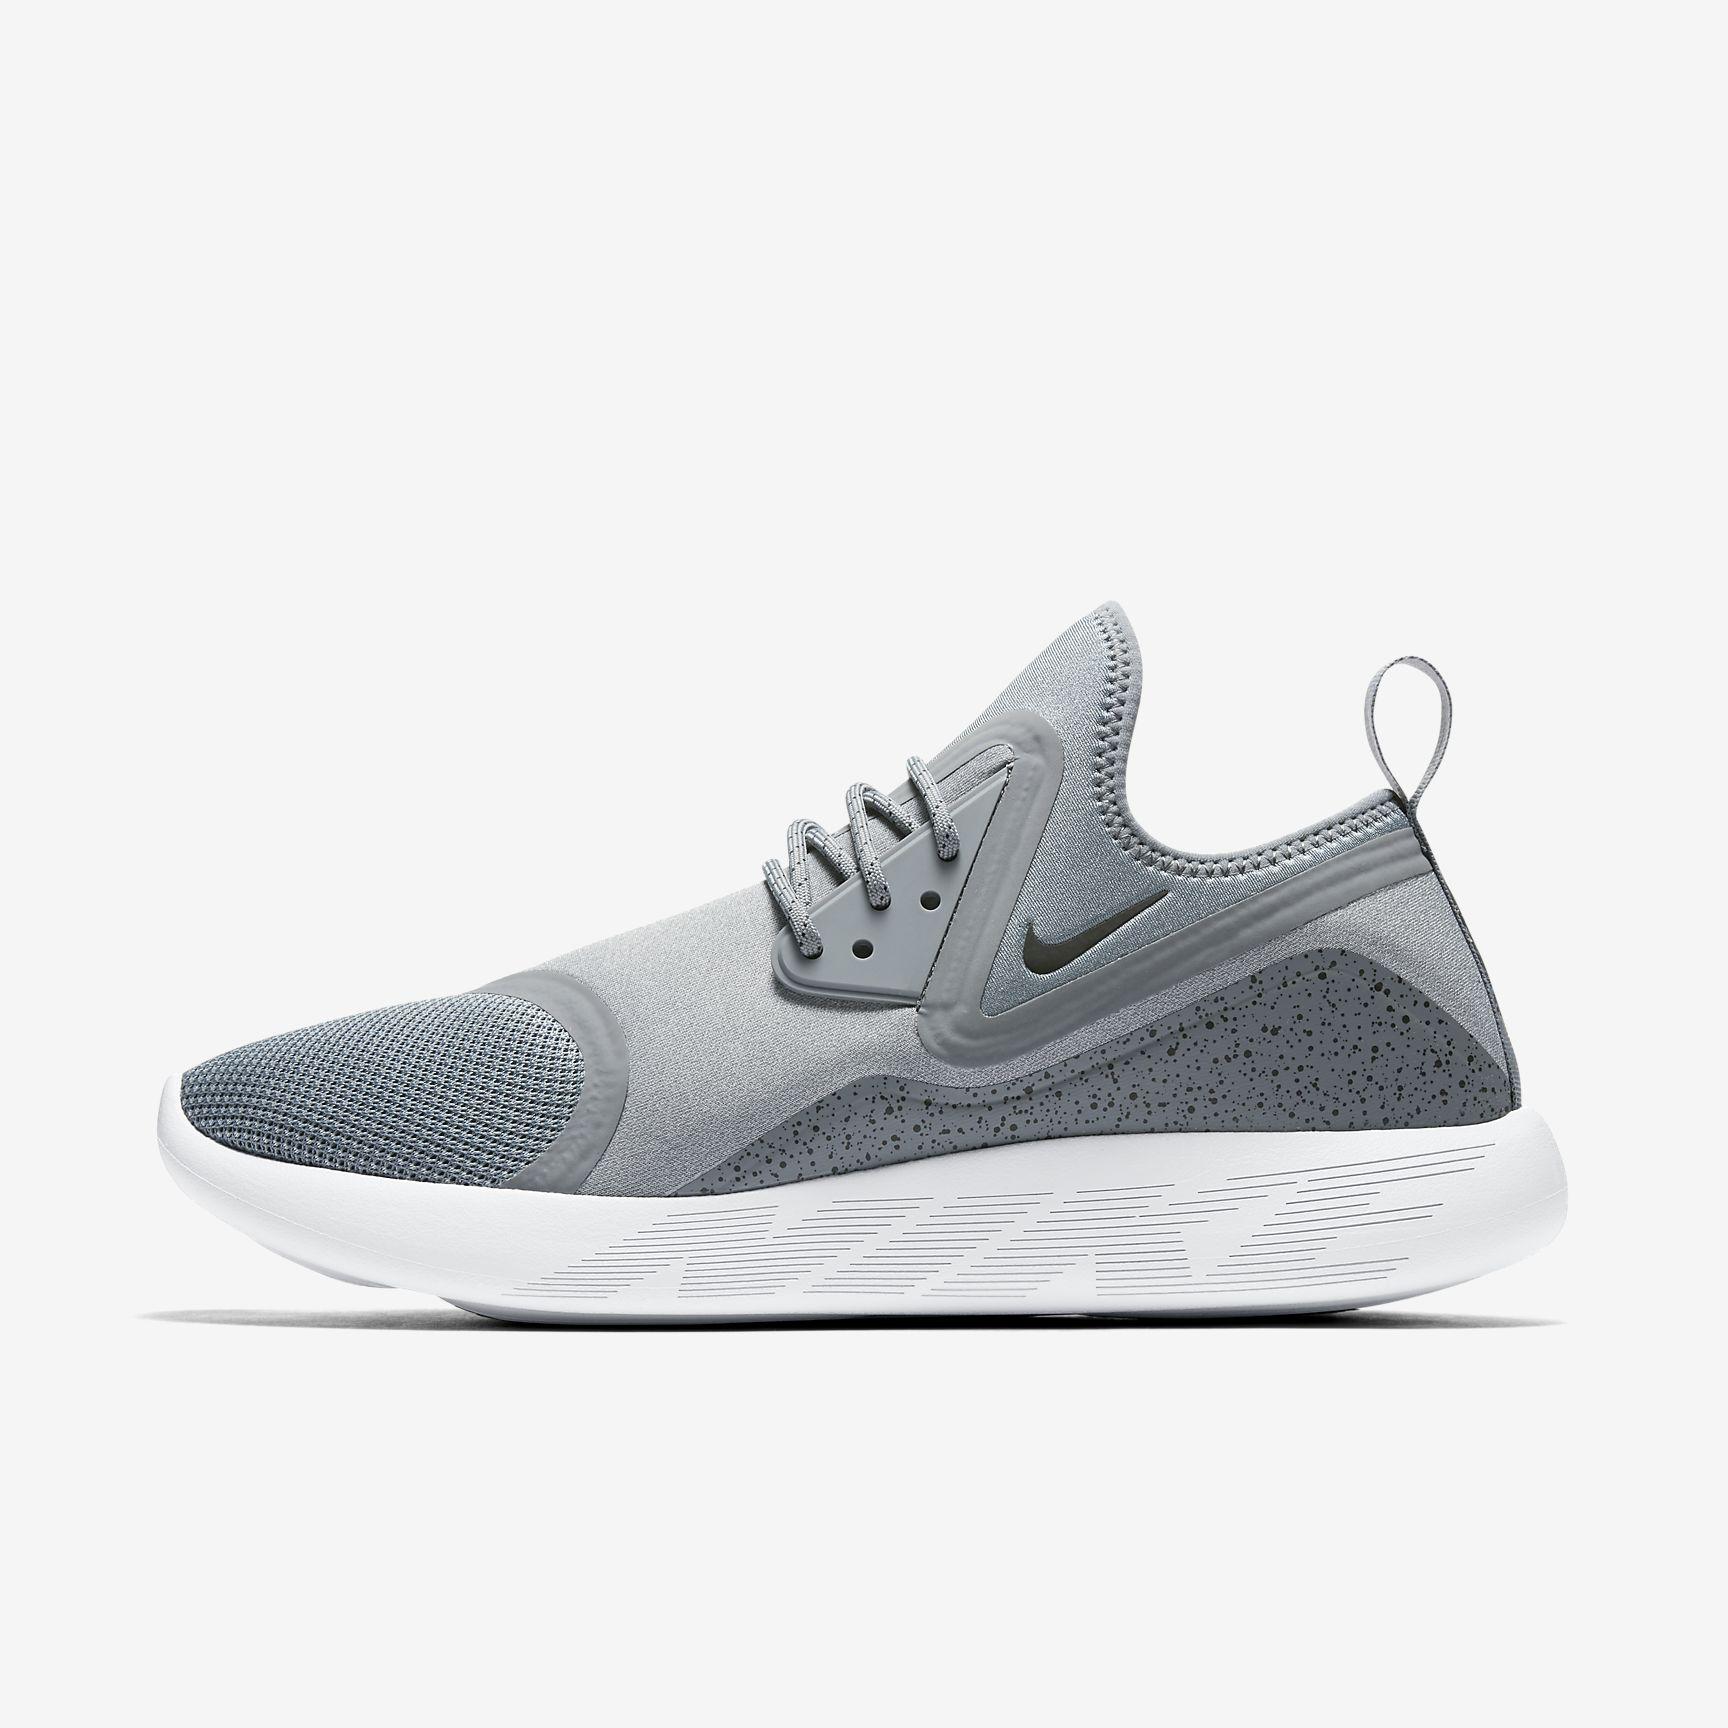 Chaussures Nike Air Huarache à 59,97€ au lieu de 120€